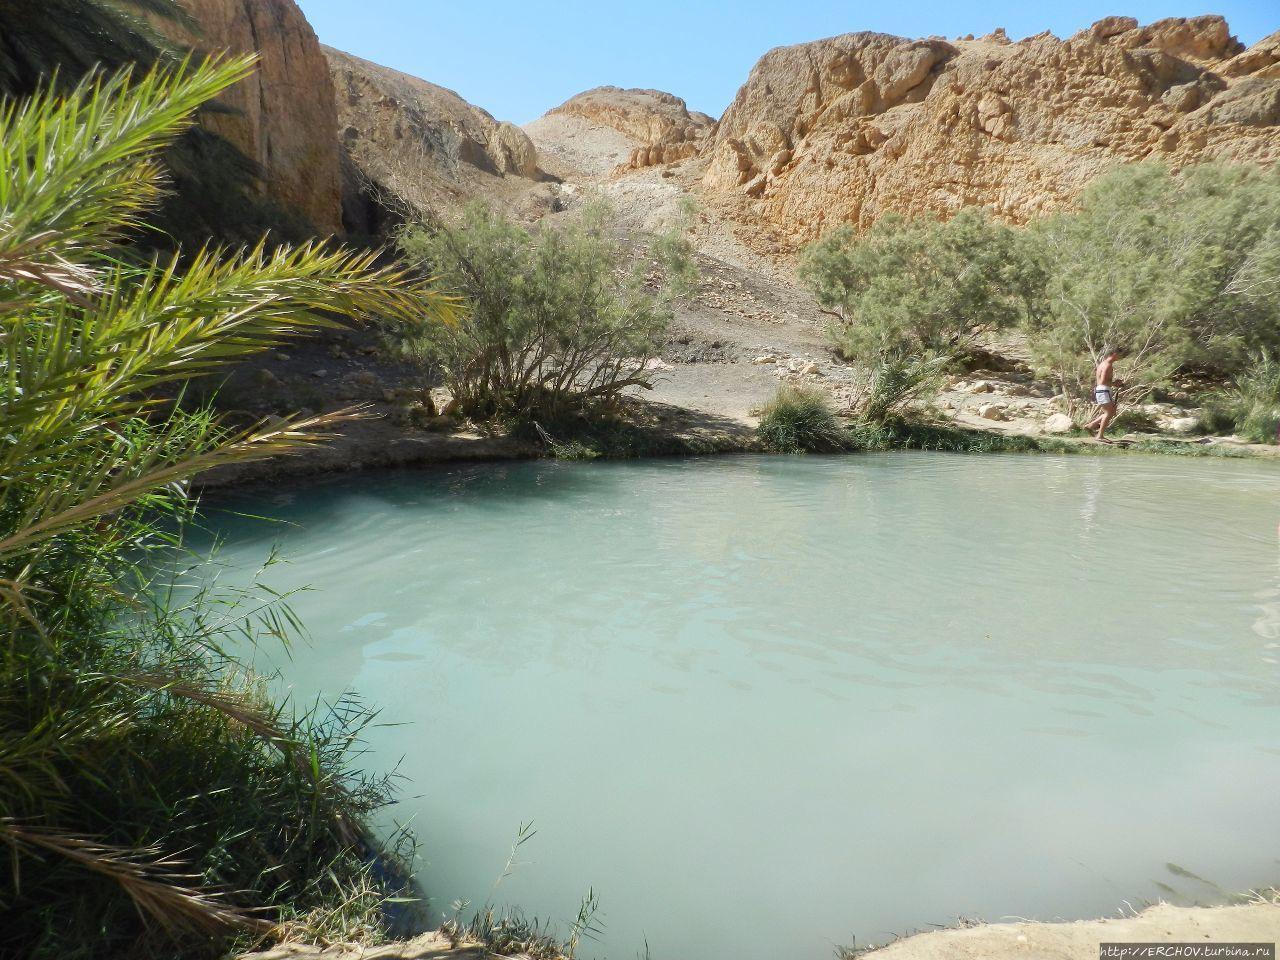 Экскурсия в Сахару. Ч — 7. Шебика — райский оазис Сахары